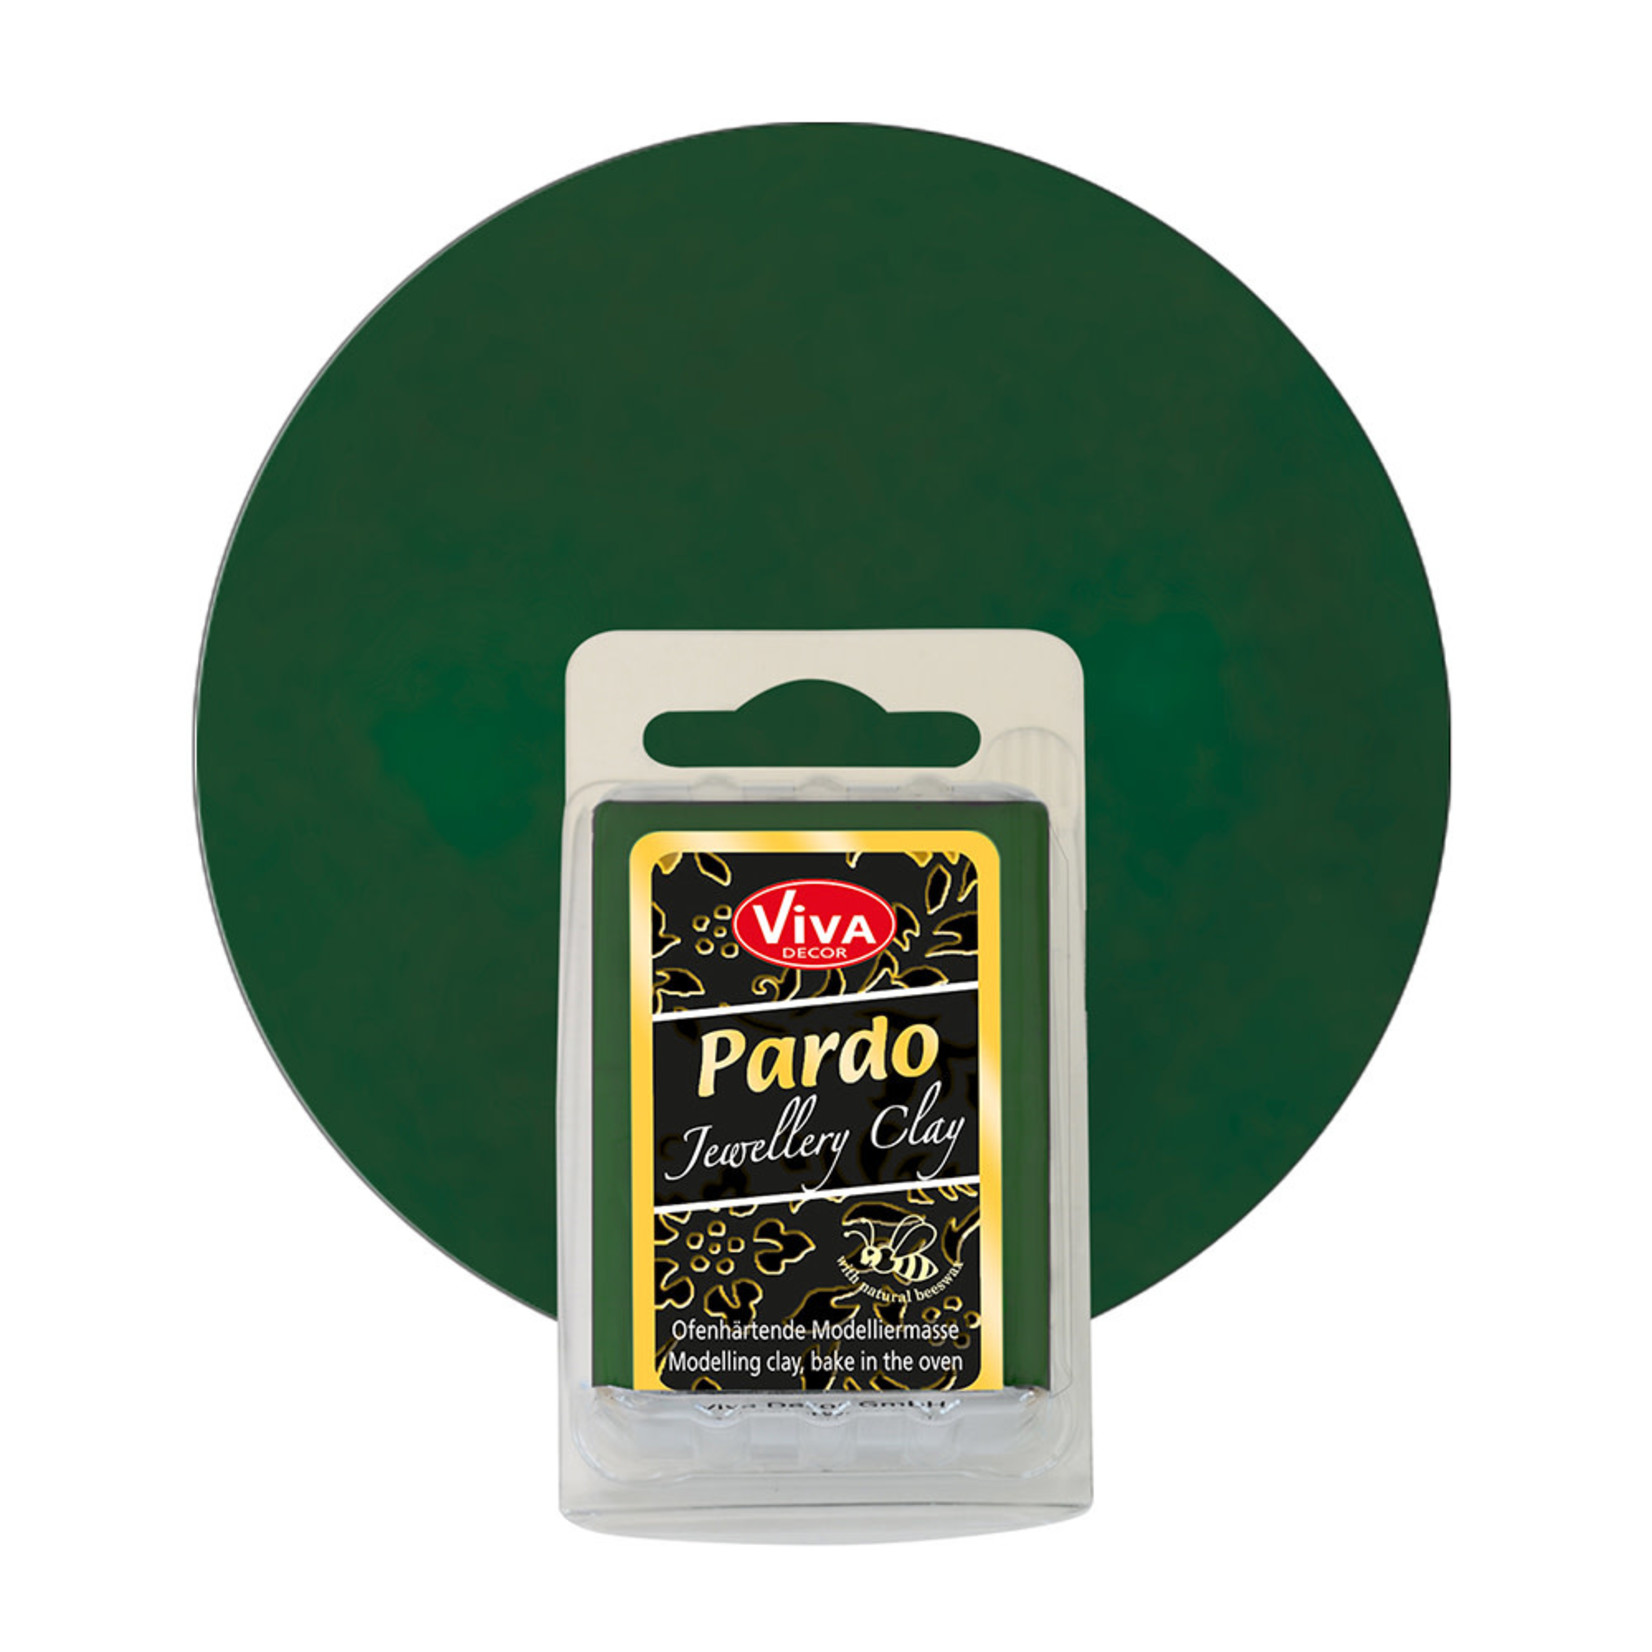 PARDO Jewelry Clay Apatite Green, 56gr